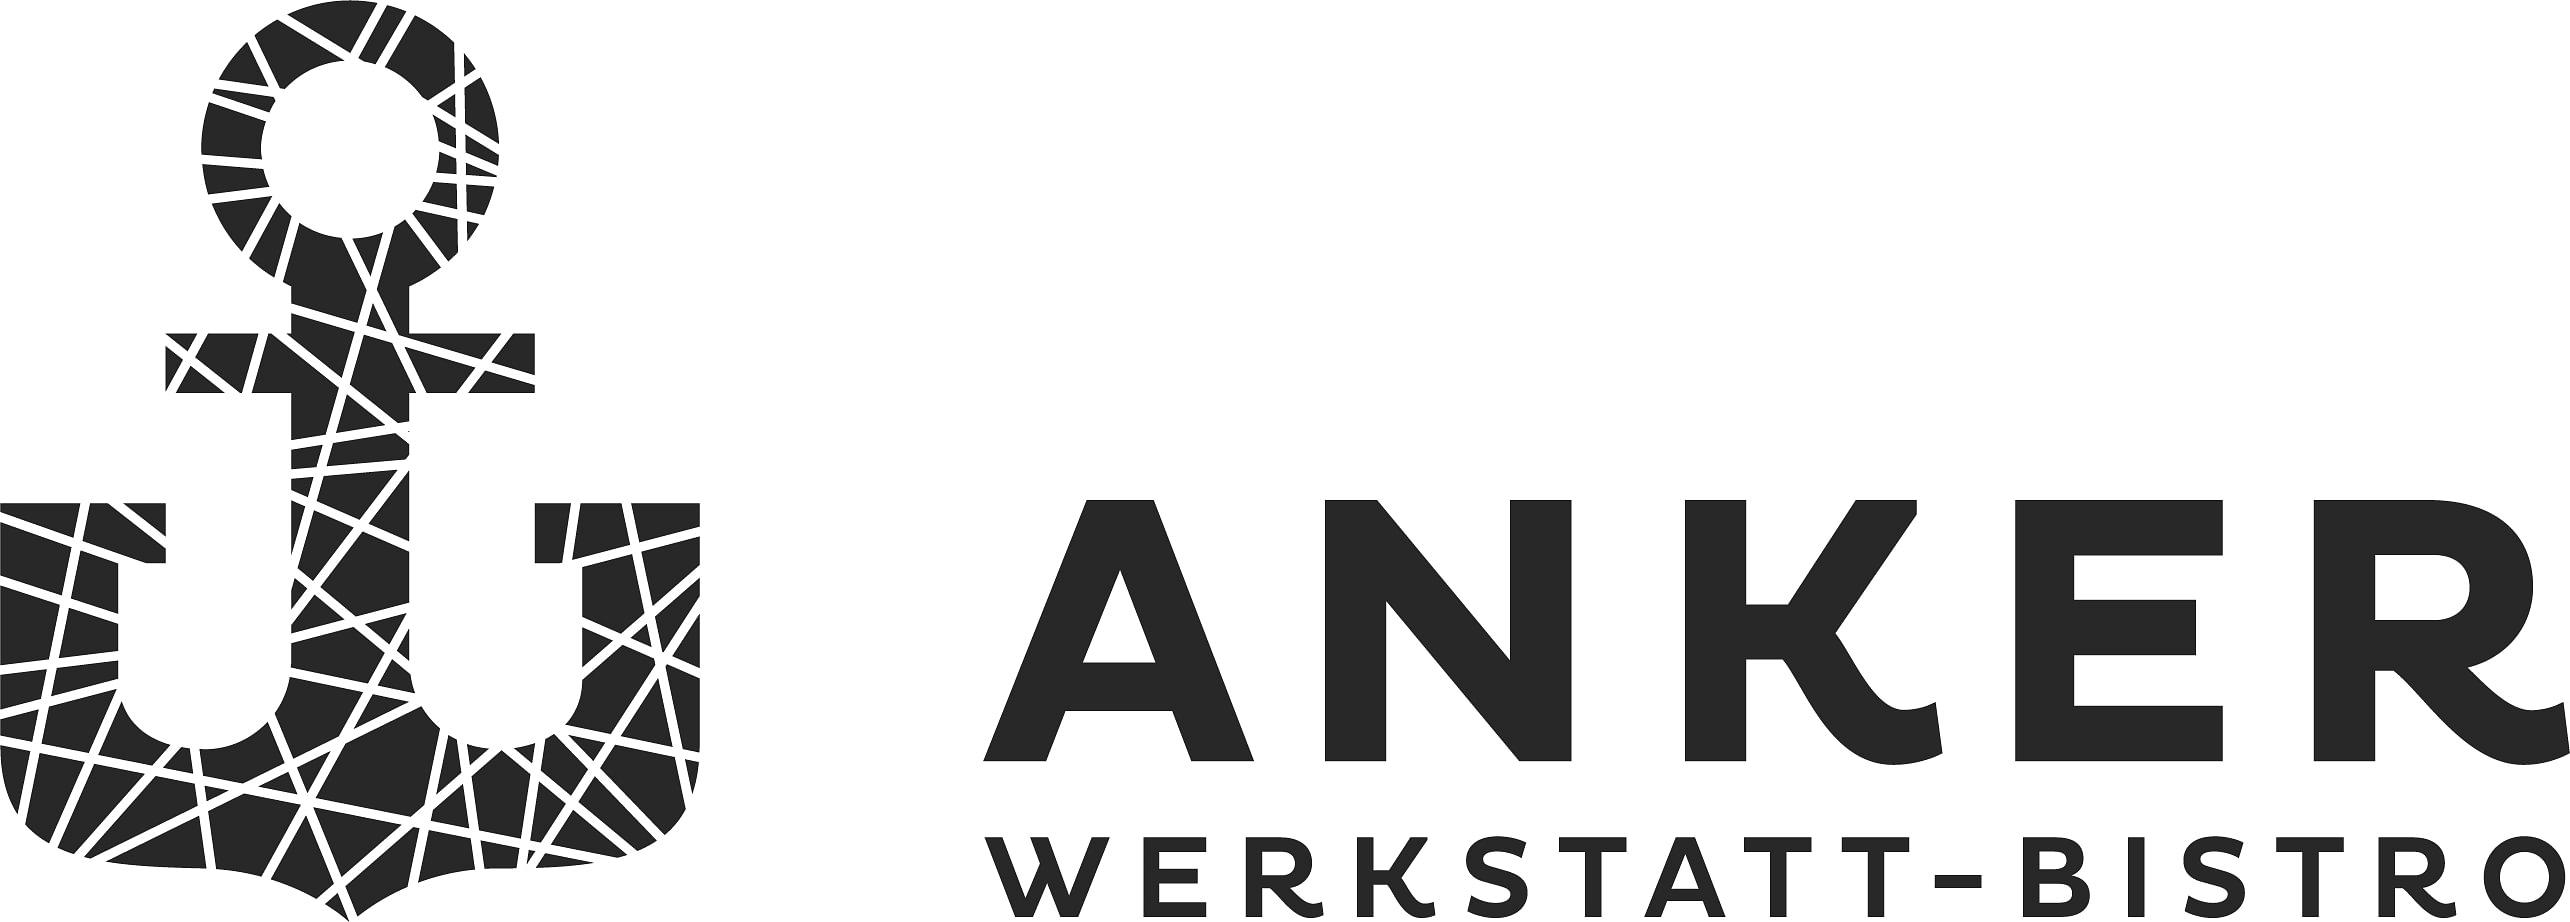 Werkstatt-Bistro Anker